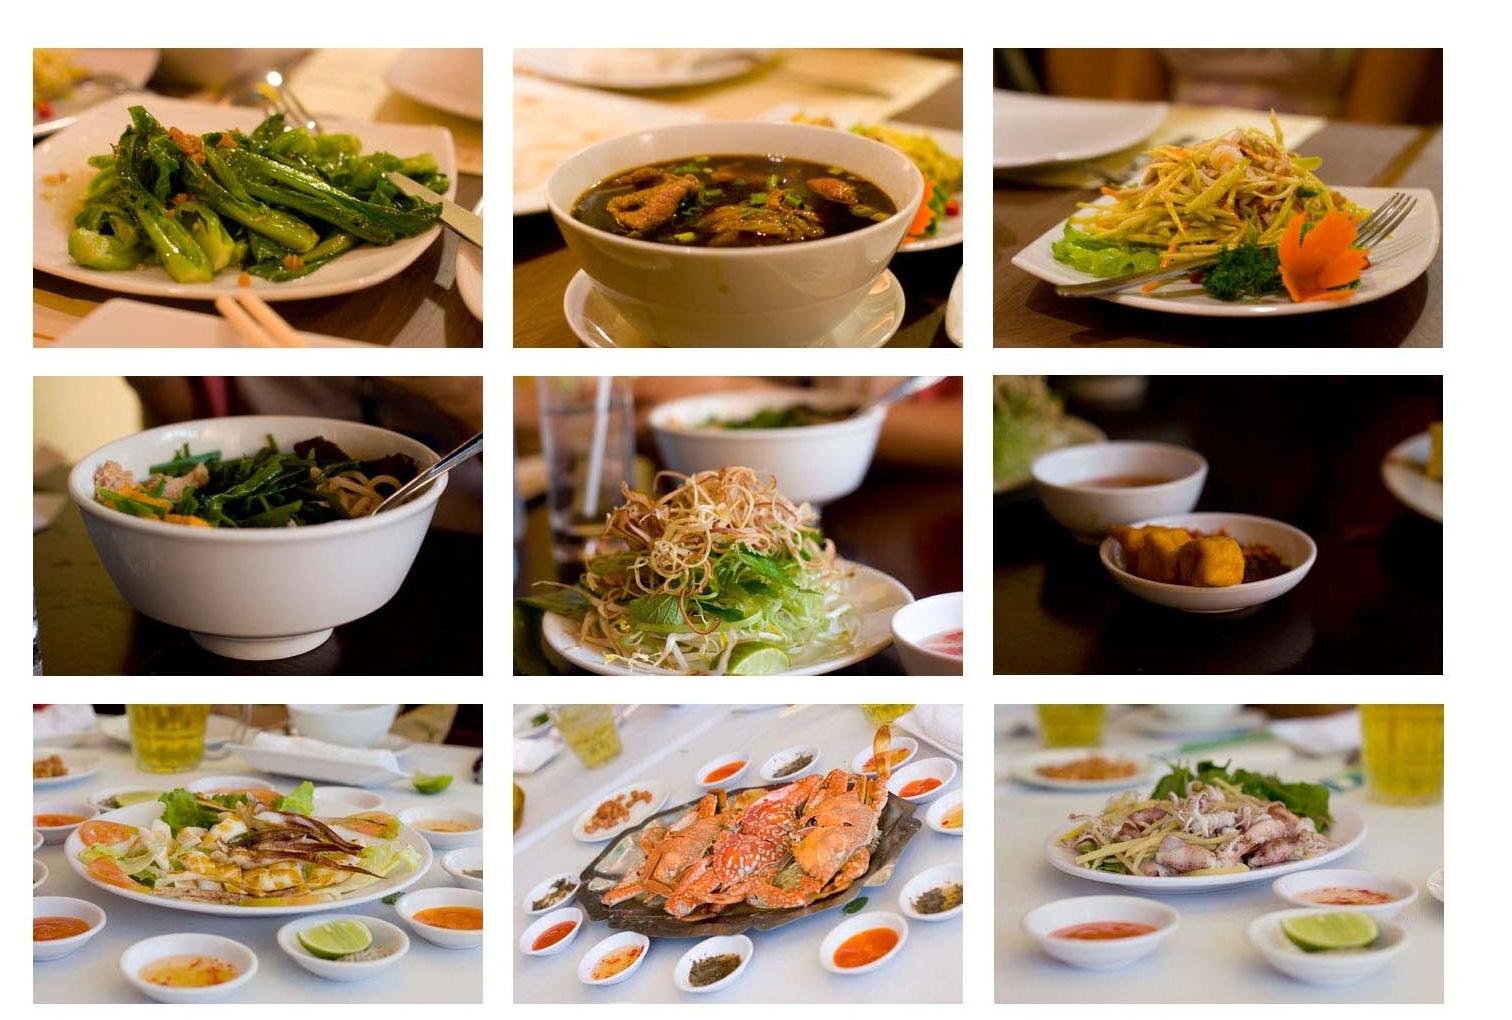 Bếp điện từ Kangaroo KG351i đa dạng món ăn ngon